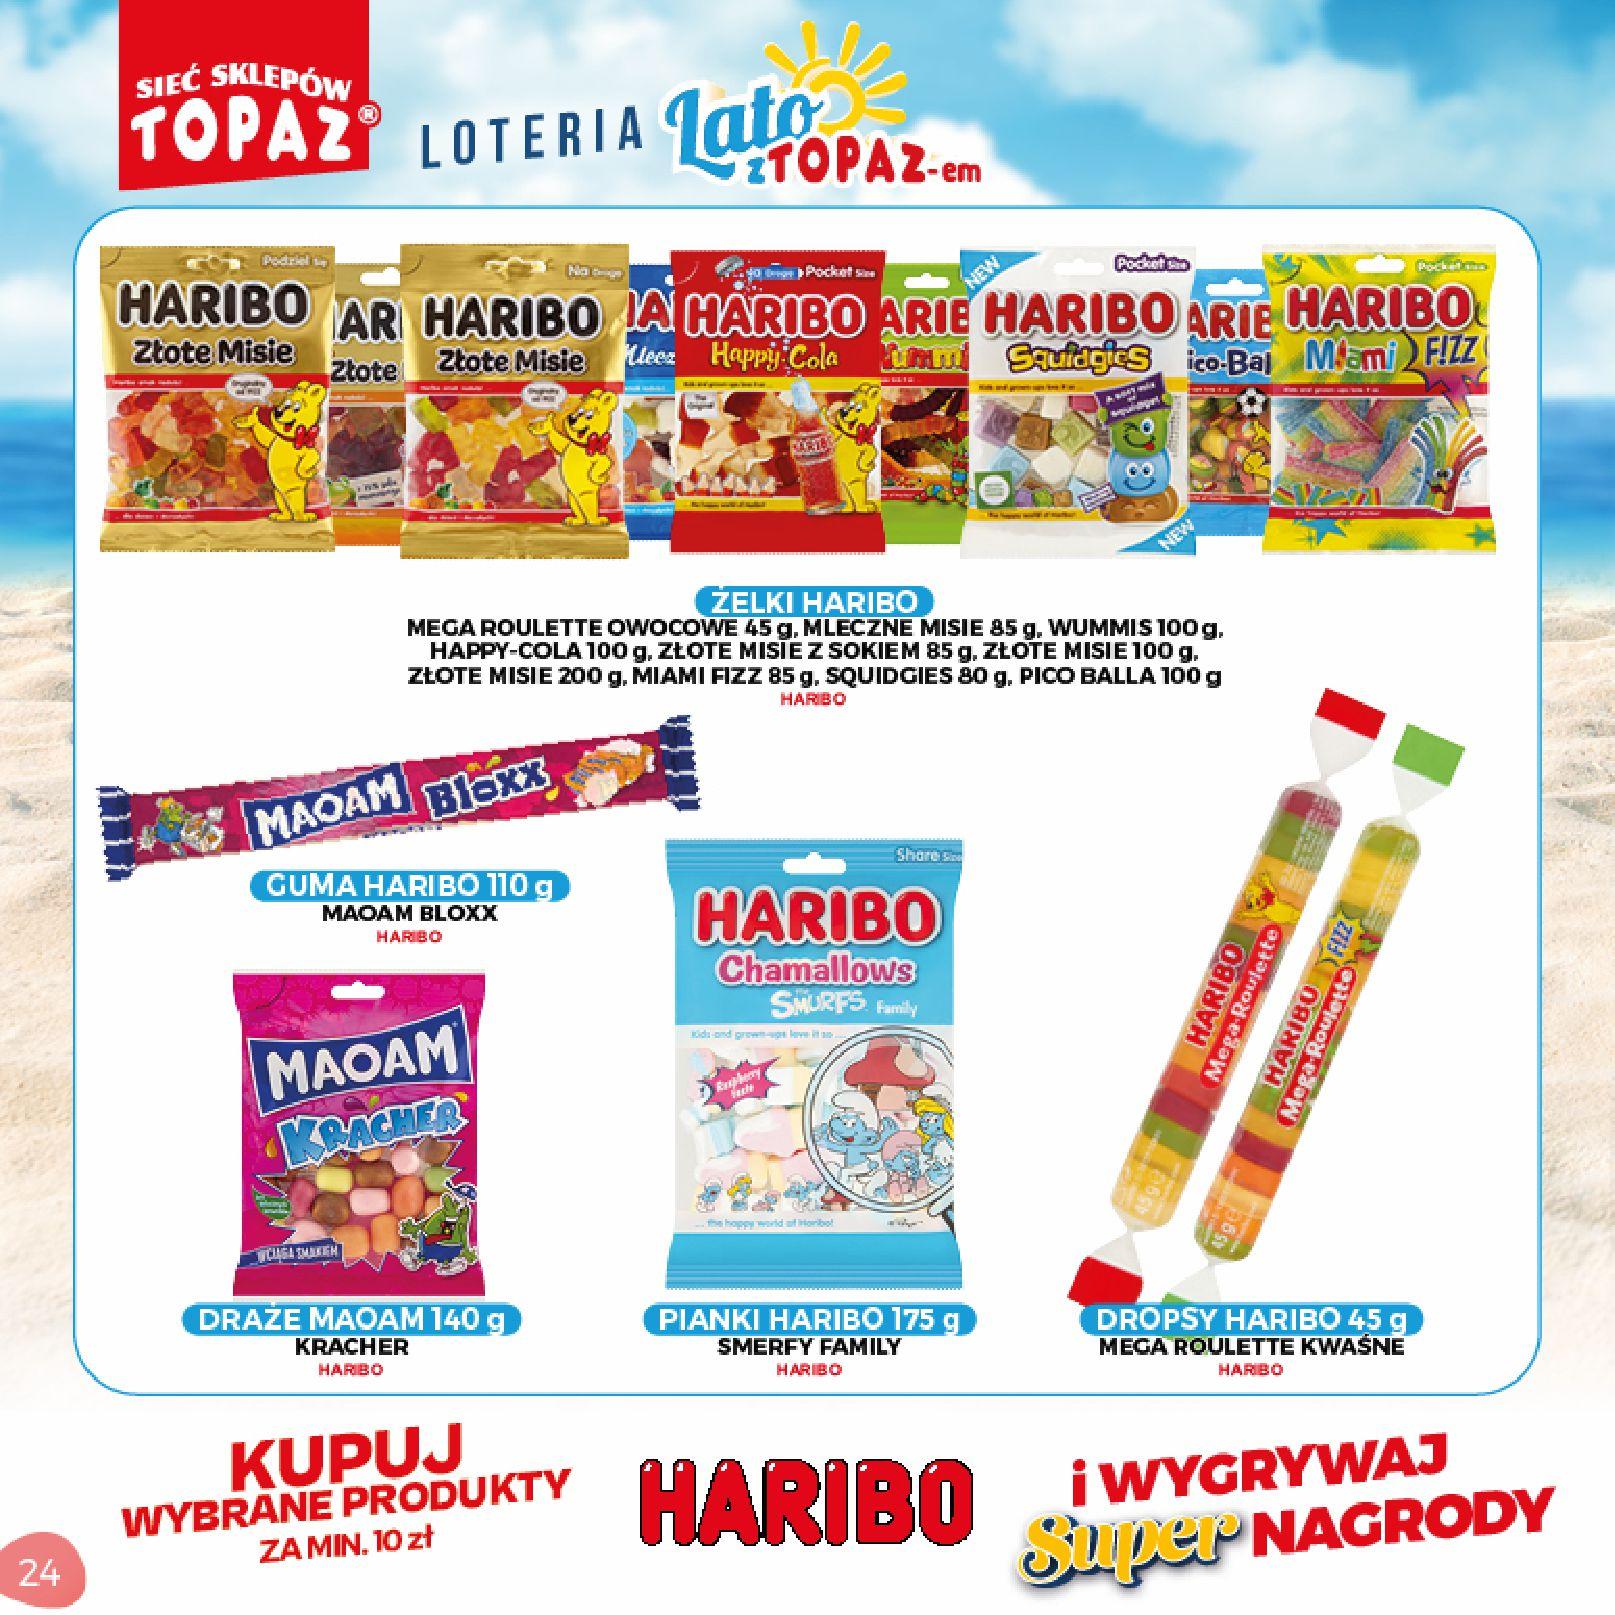 Gazetka TOPAZ: Gazetka TOPAZ - Loteria 2021-07-05 page-24